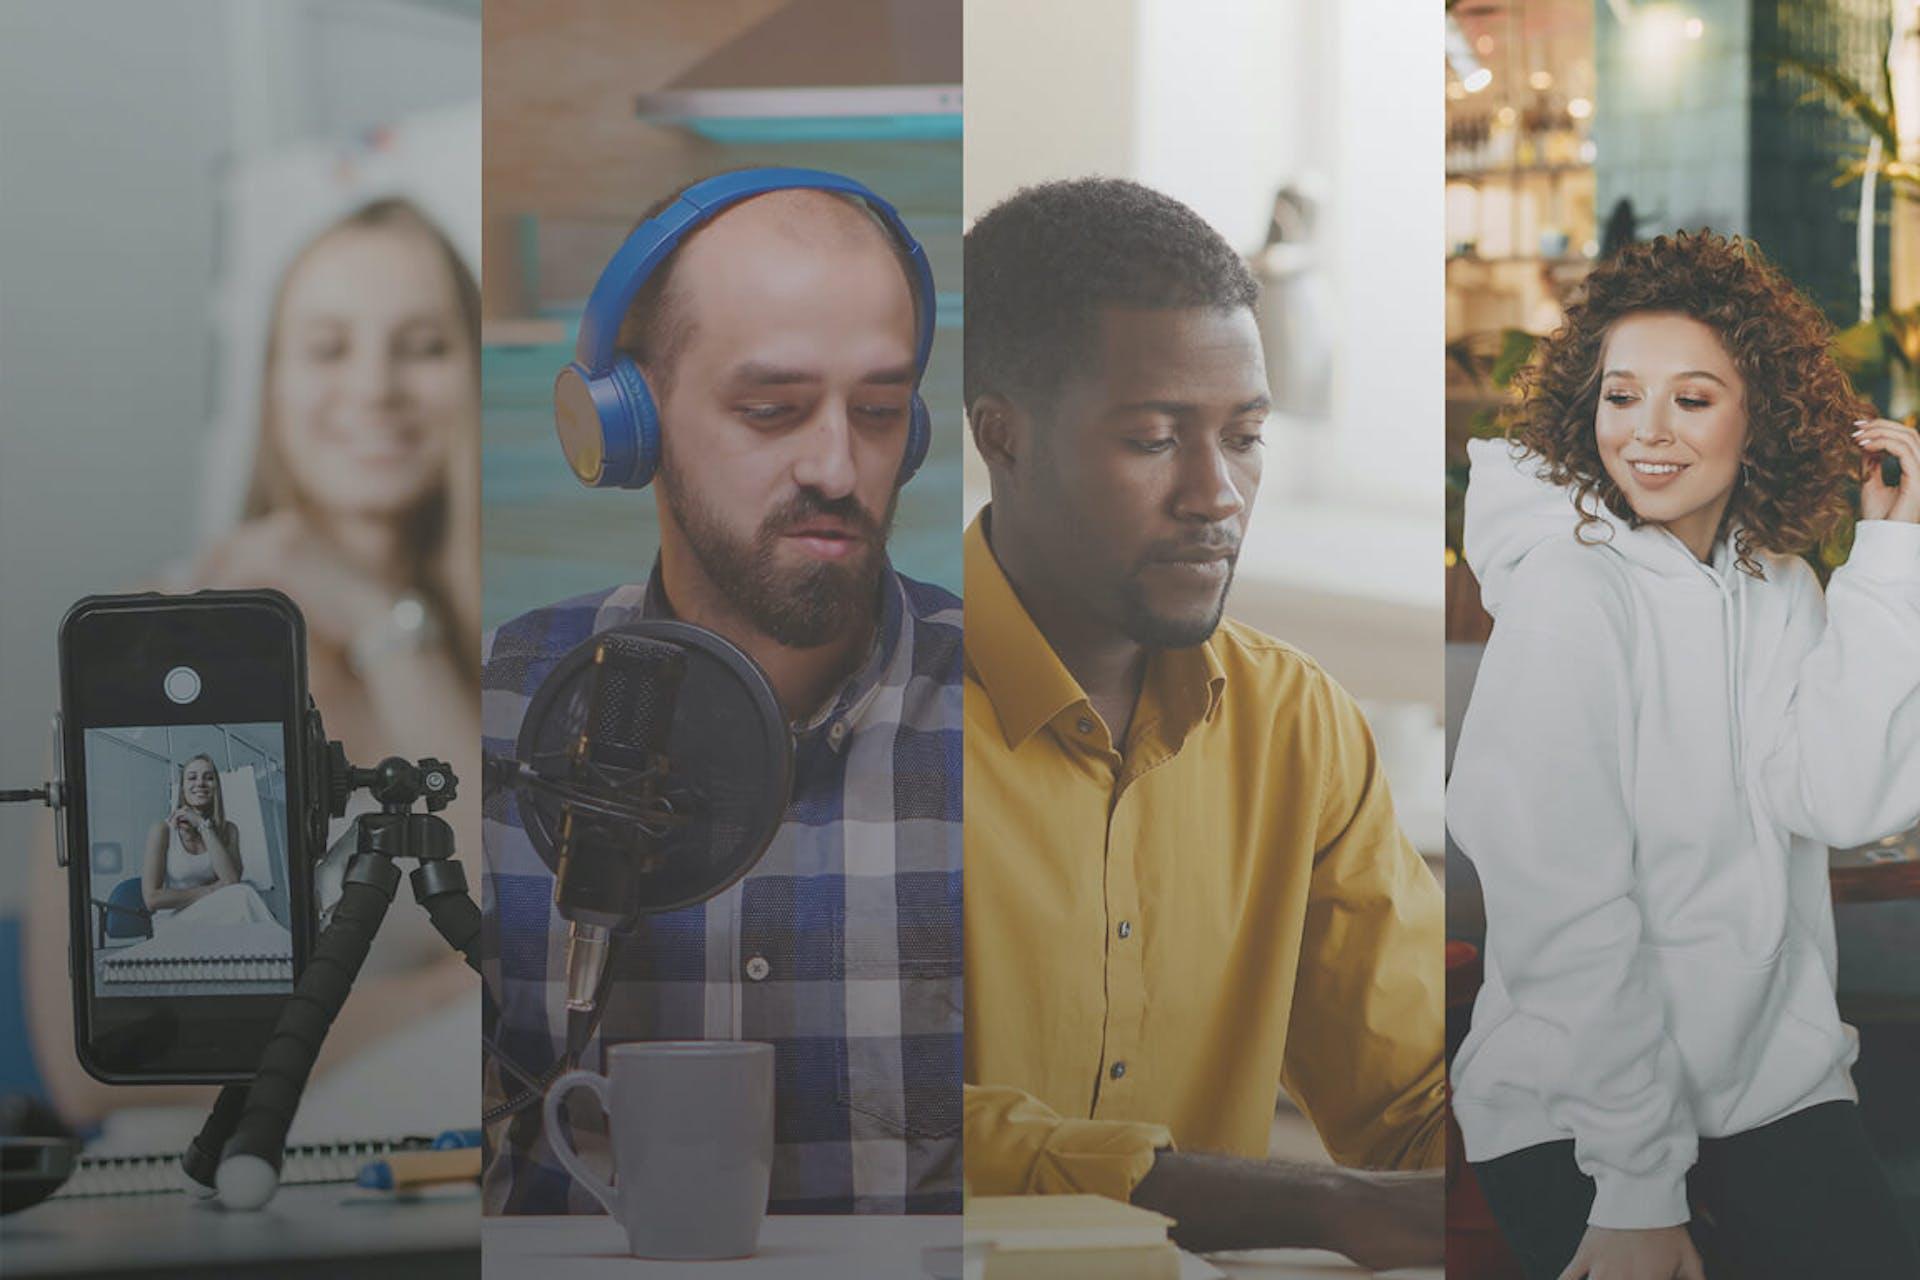 """Vous pouvez voir une coupe de quatre personnes différentes côte à côte. Un influenceur, un podcasteur, un marketeur et une jeune femme. Ceci est la couverture de notre livre électronique """"Le guide ultime des médias possédés, gagnés, payés et partagés"""""""